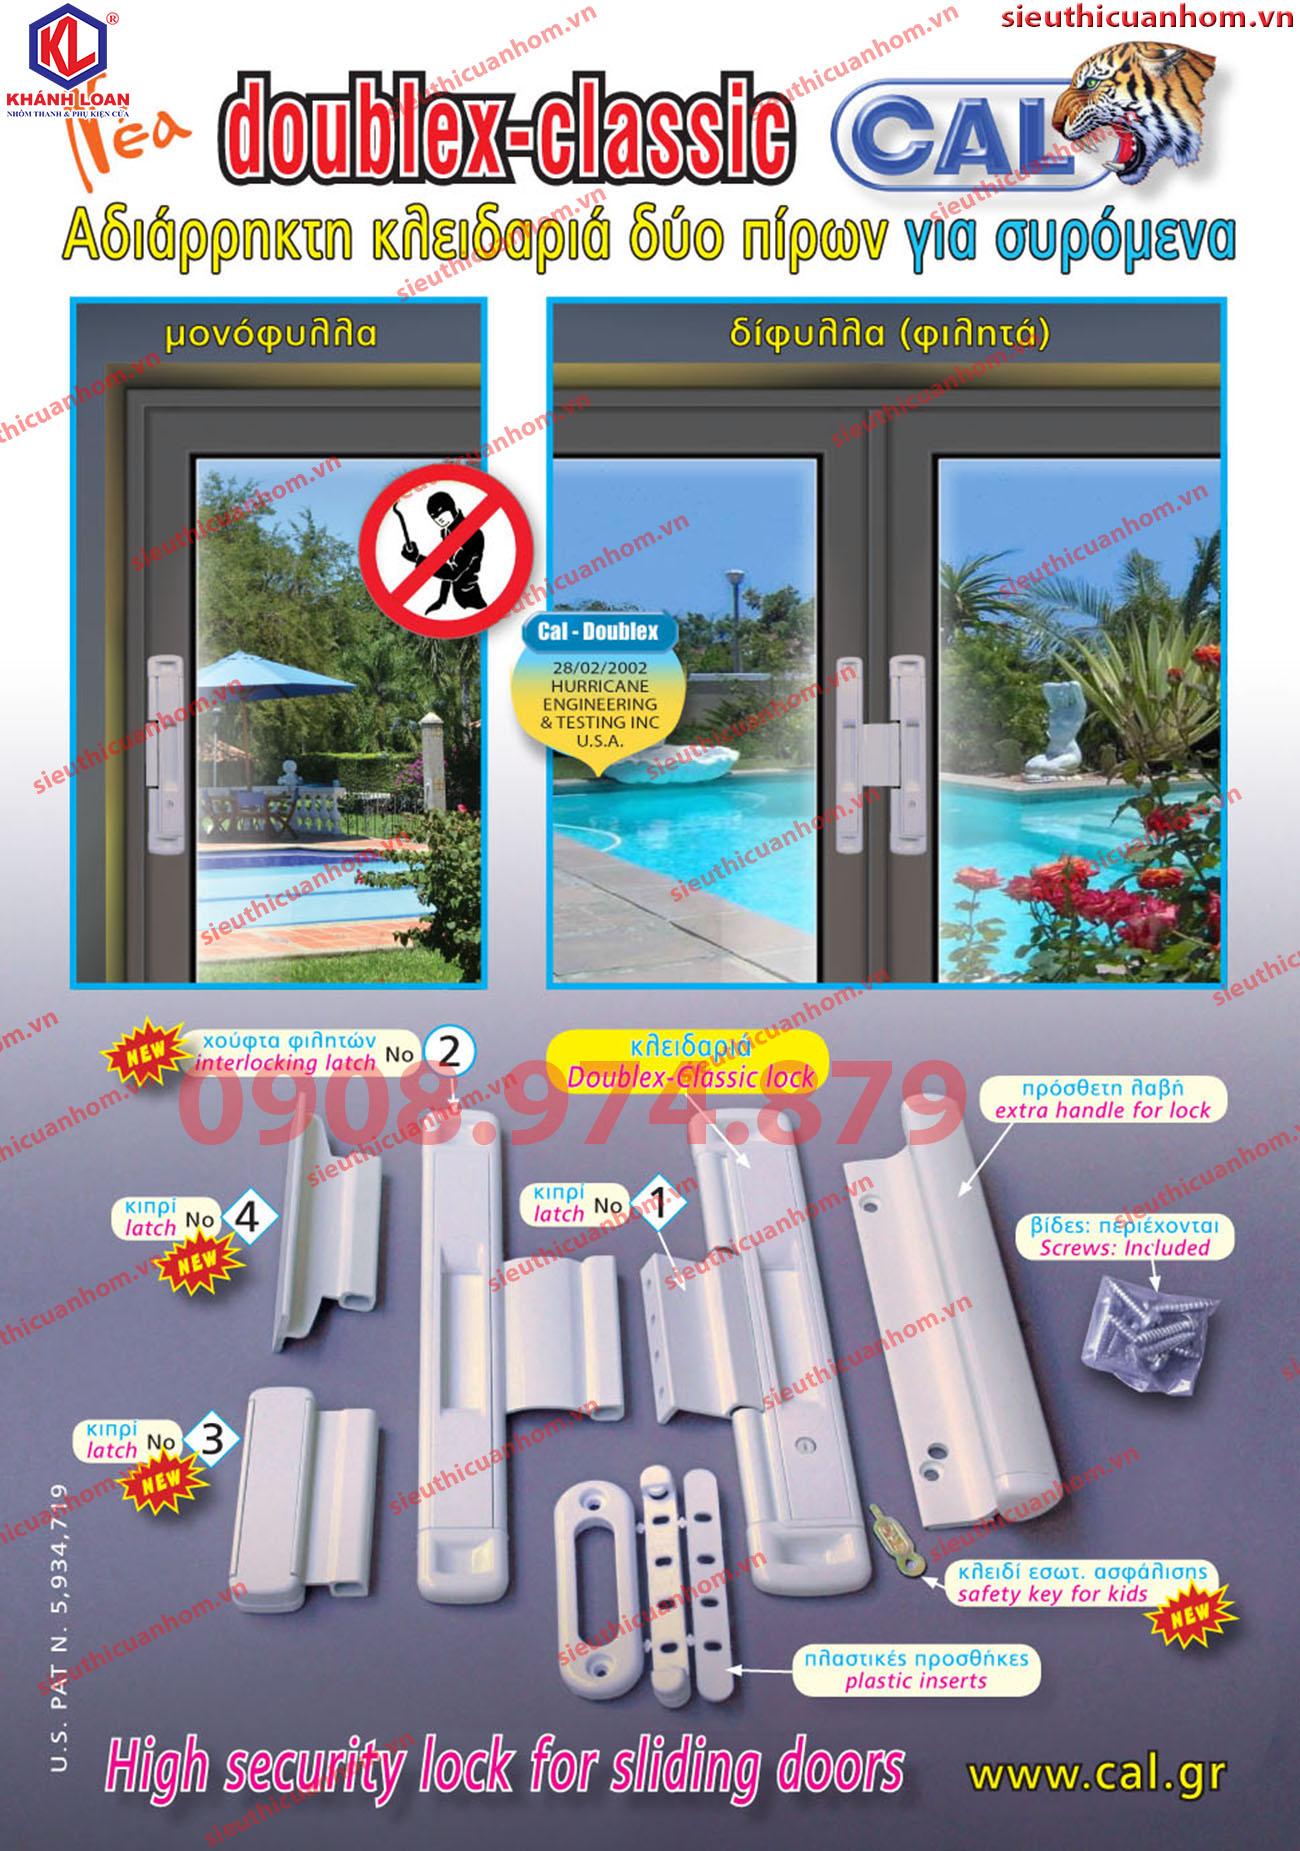 Chốt an toàn cho cửa lùa hiệu CAl Hy Lạp DOUBLEX-CLASSIC